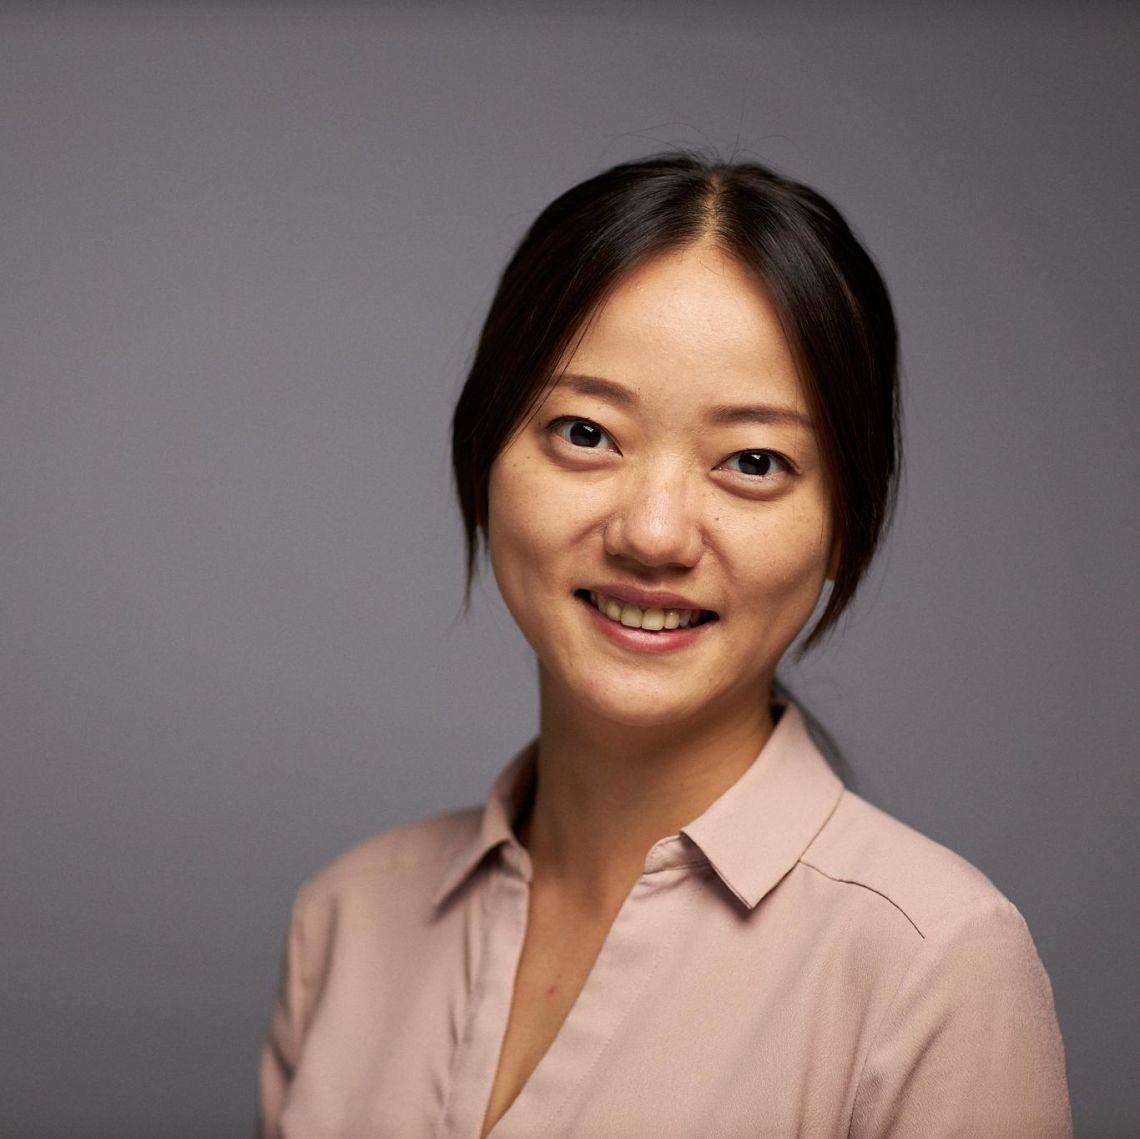 Shuhan Jiang